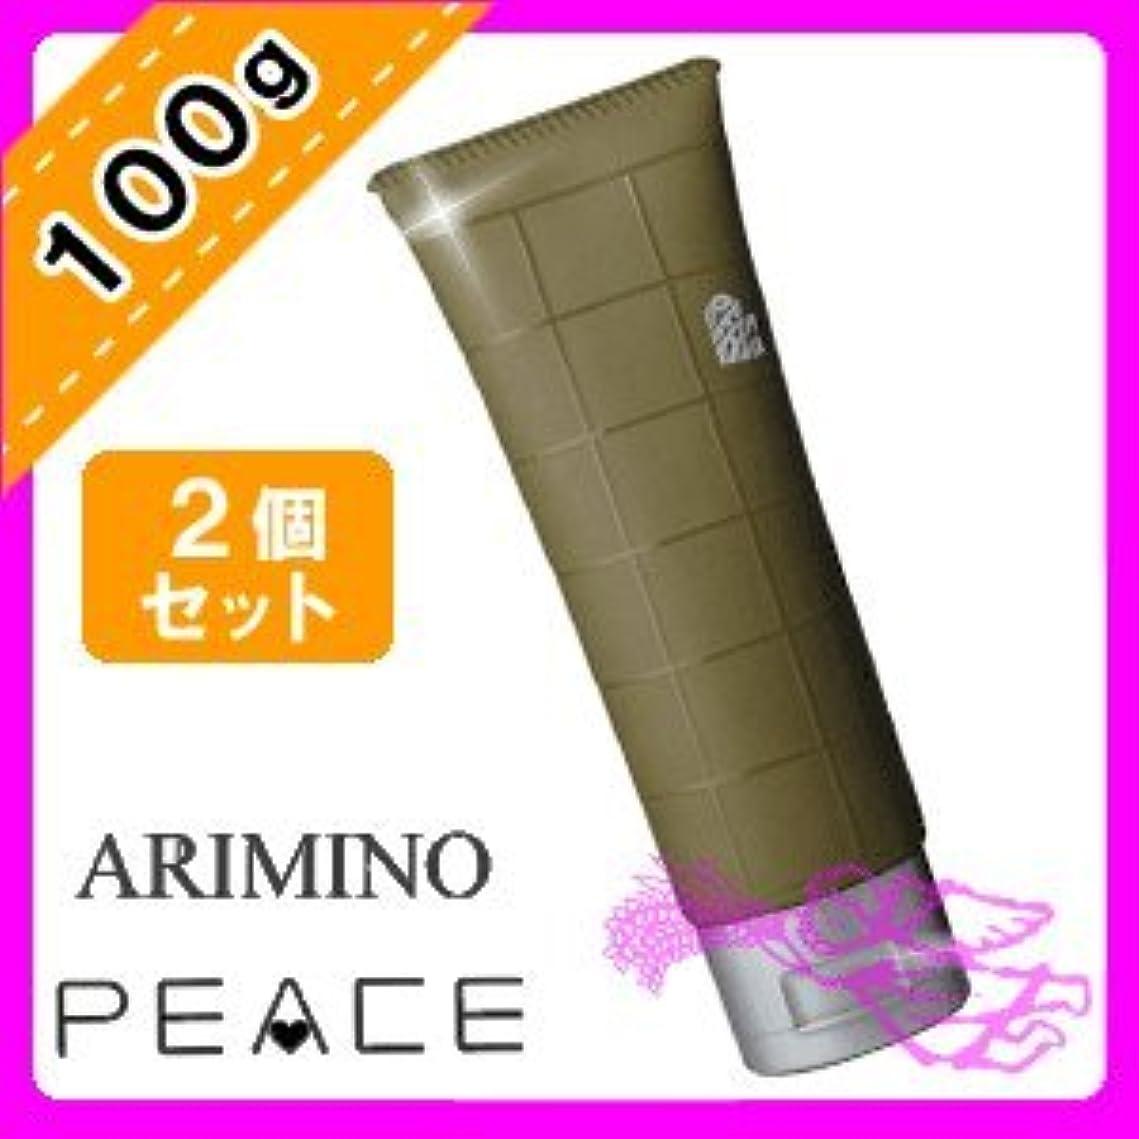 家事決めます不毛のアリミノ ピース ウェットオイル ワックス 100g ×2個セット arimino PEACE